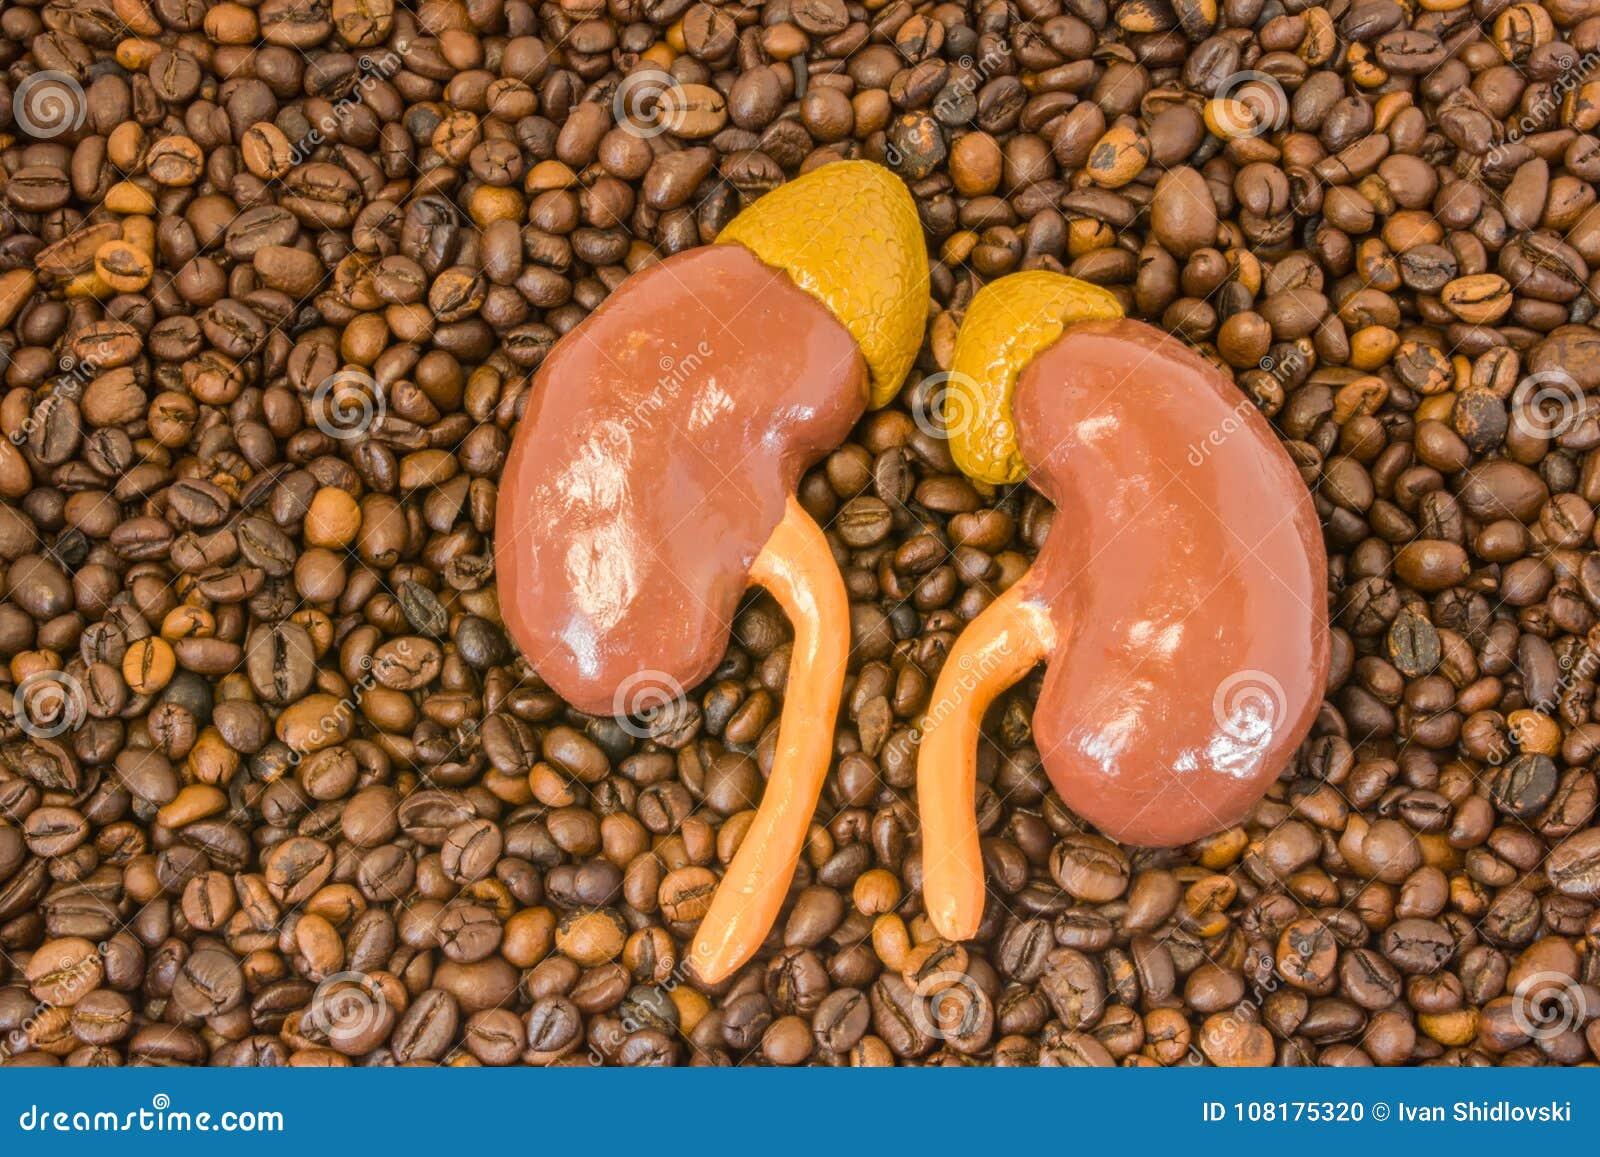 Den anatomiska modellen av njure med adrenals ligger på spridda grillade kaffebönor Effekt av kaffe och koffein på exkretorisk fu